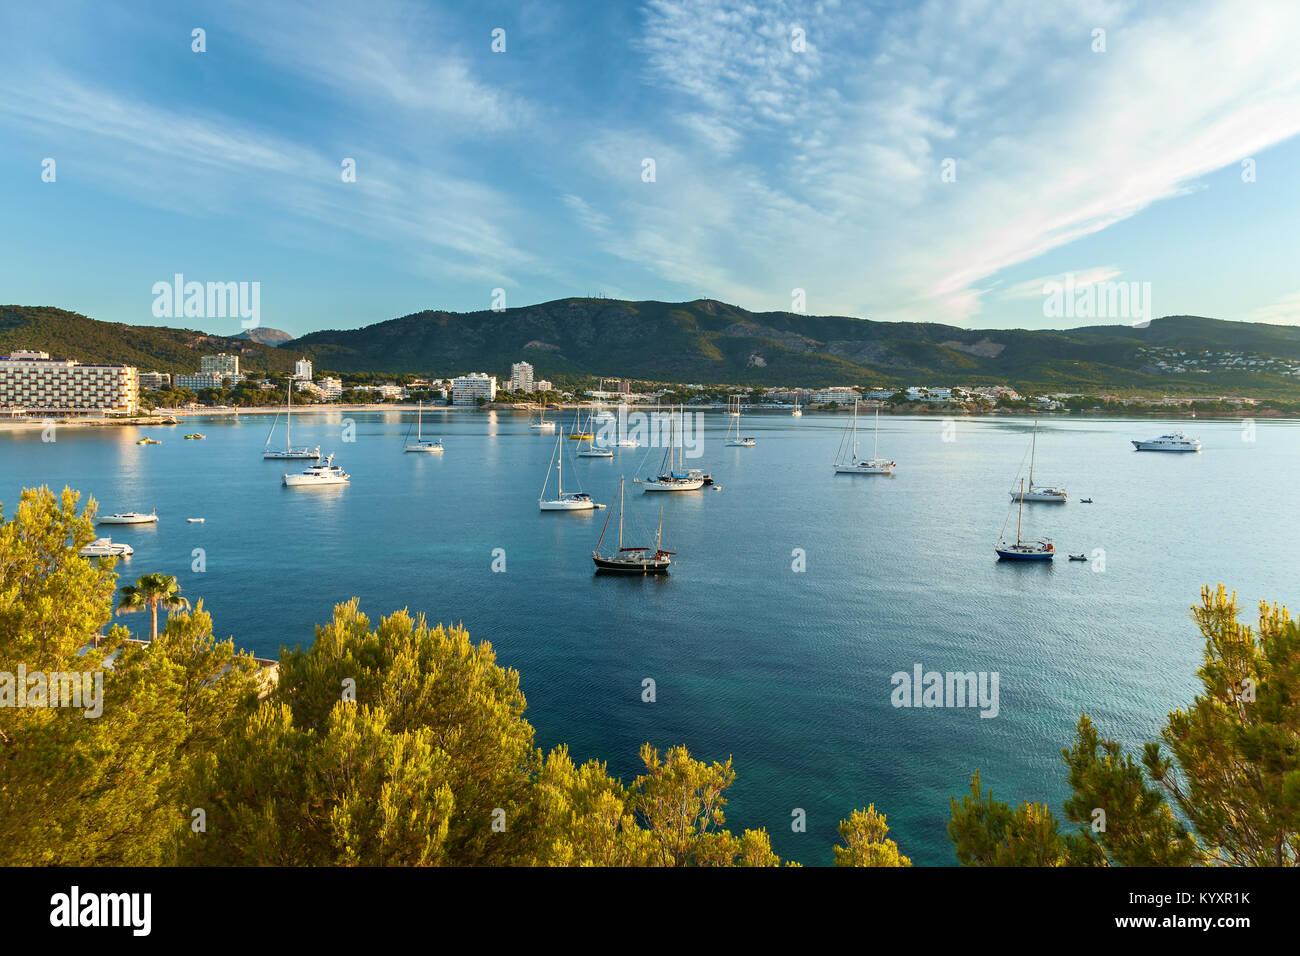 Bucht mit Yachten in Palma Spanien Stockbild